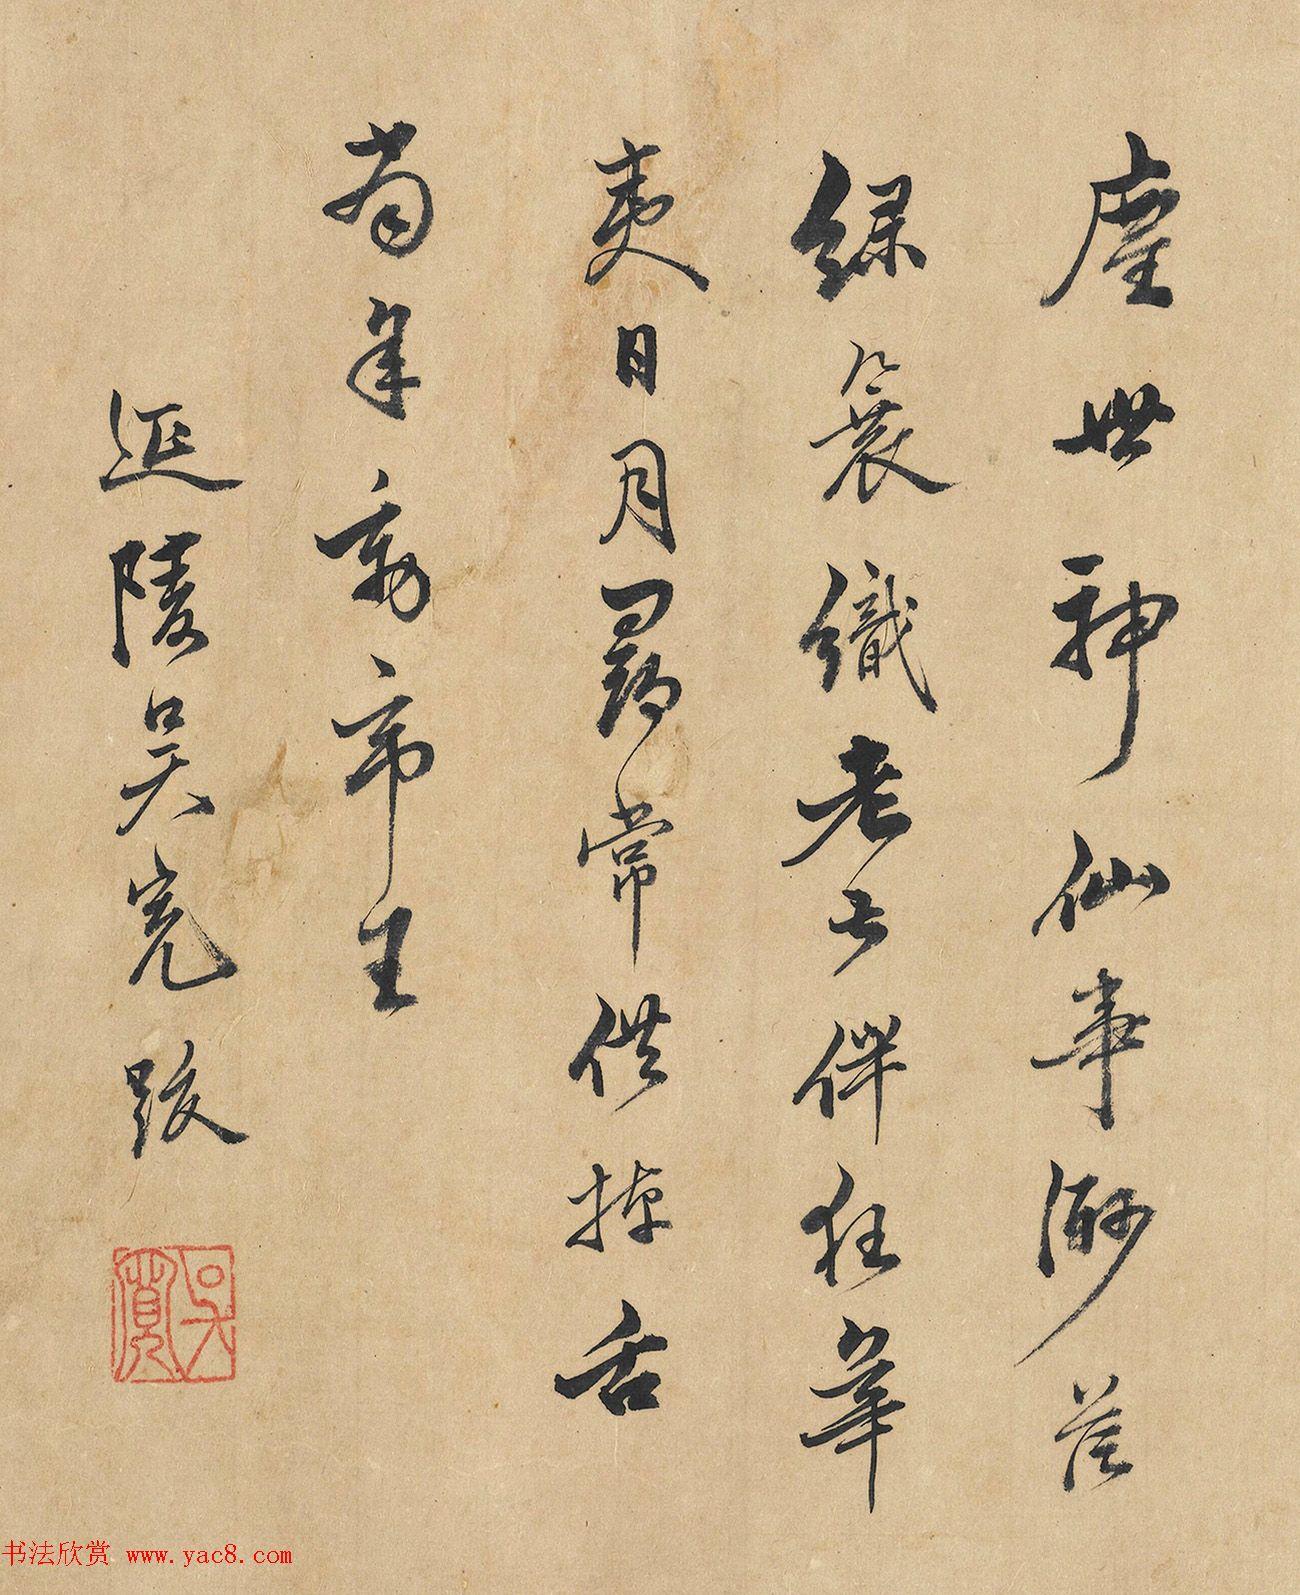 文彭、吴宽、王宠跋《玉洞群仙图》